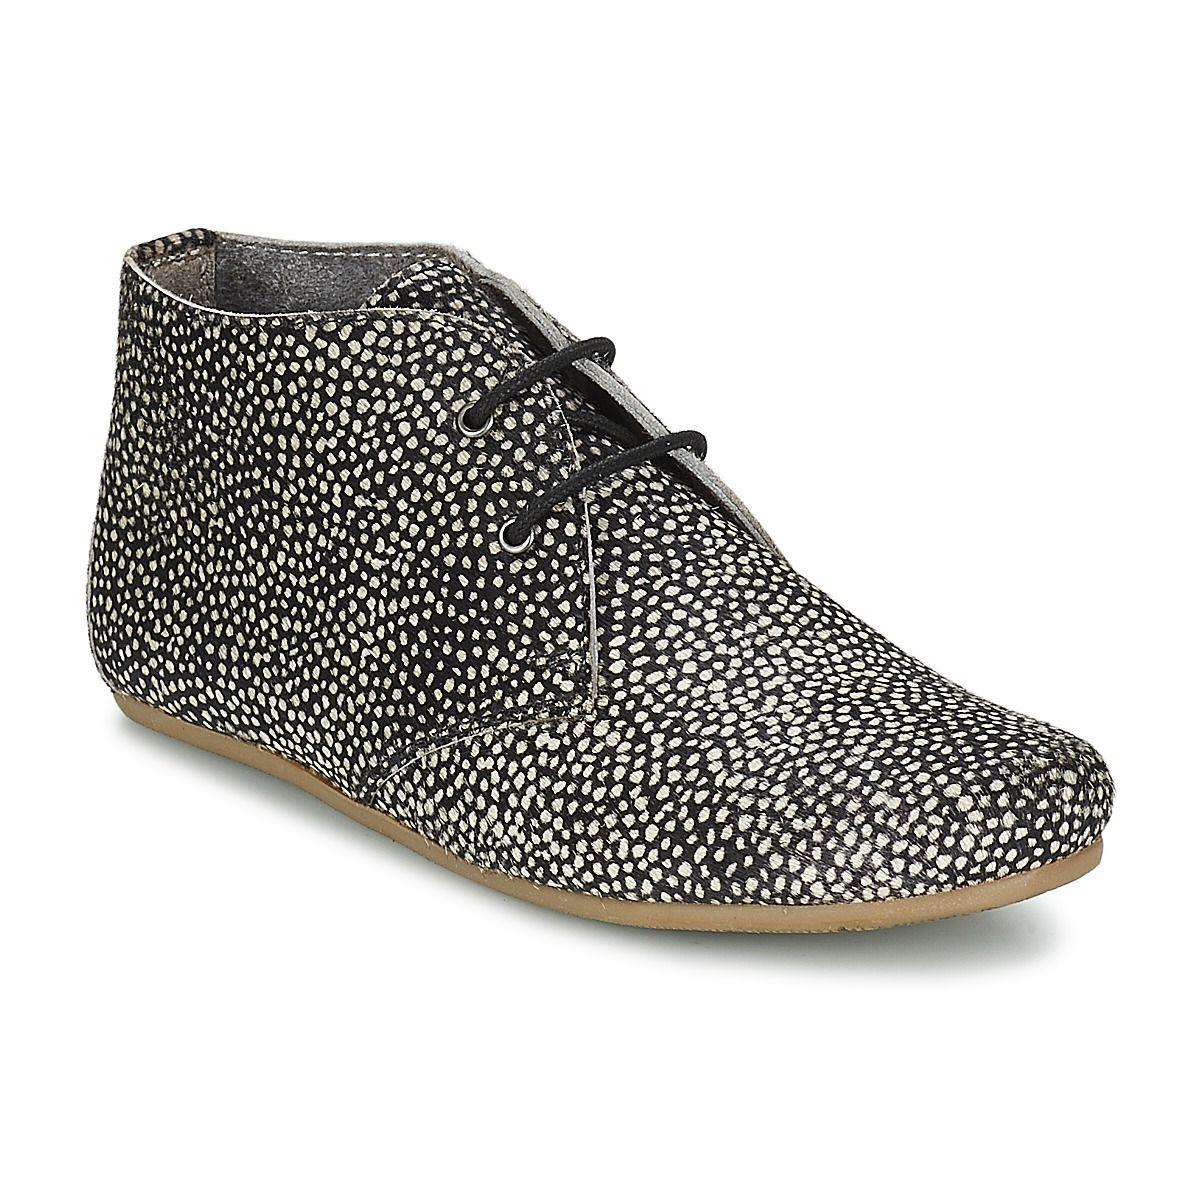 Zapatos negros Maruti para mujer 9r06vpbg